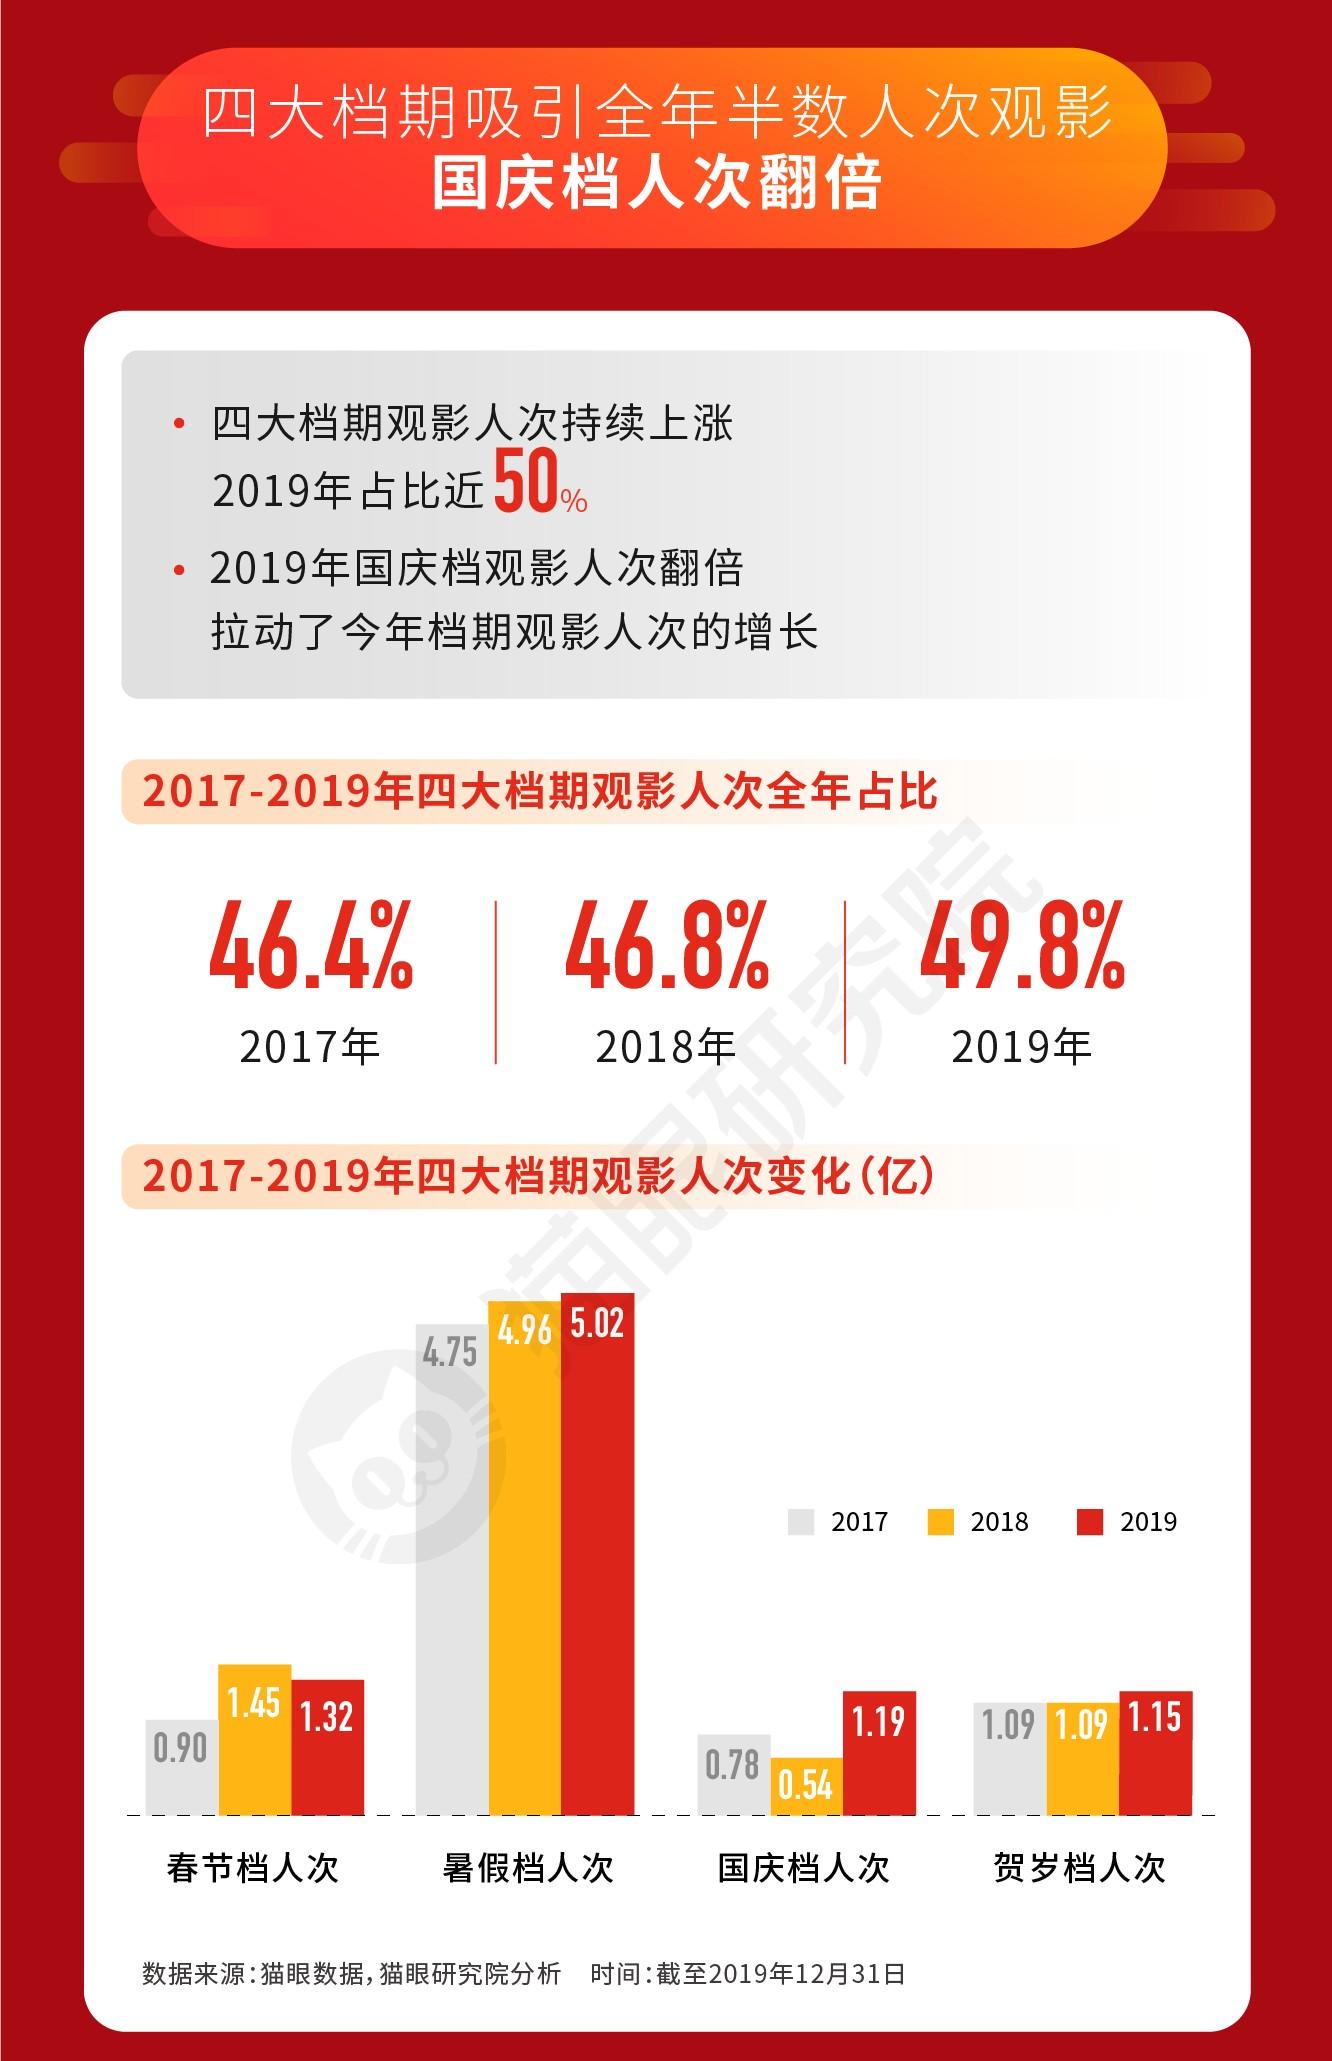 猫眼(01896)数据:总票房再达新高 中国影视行业正经历哪些积极变化?